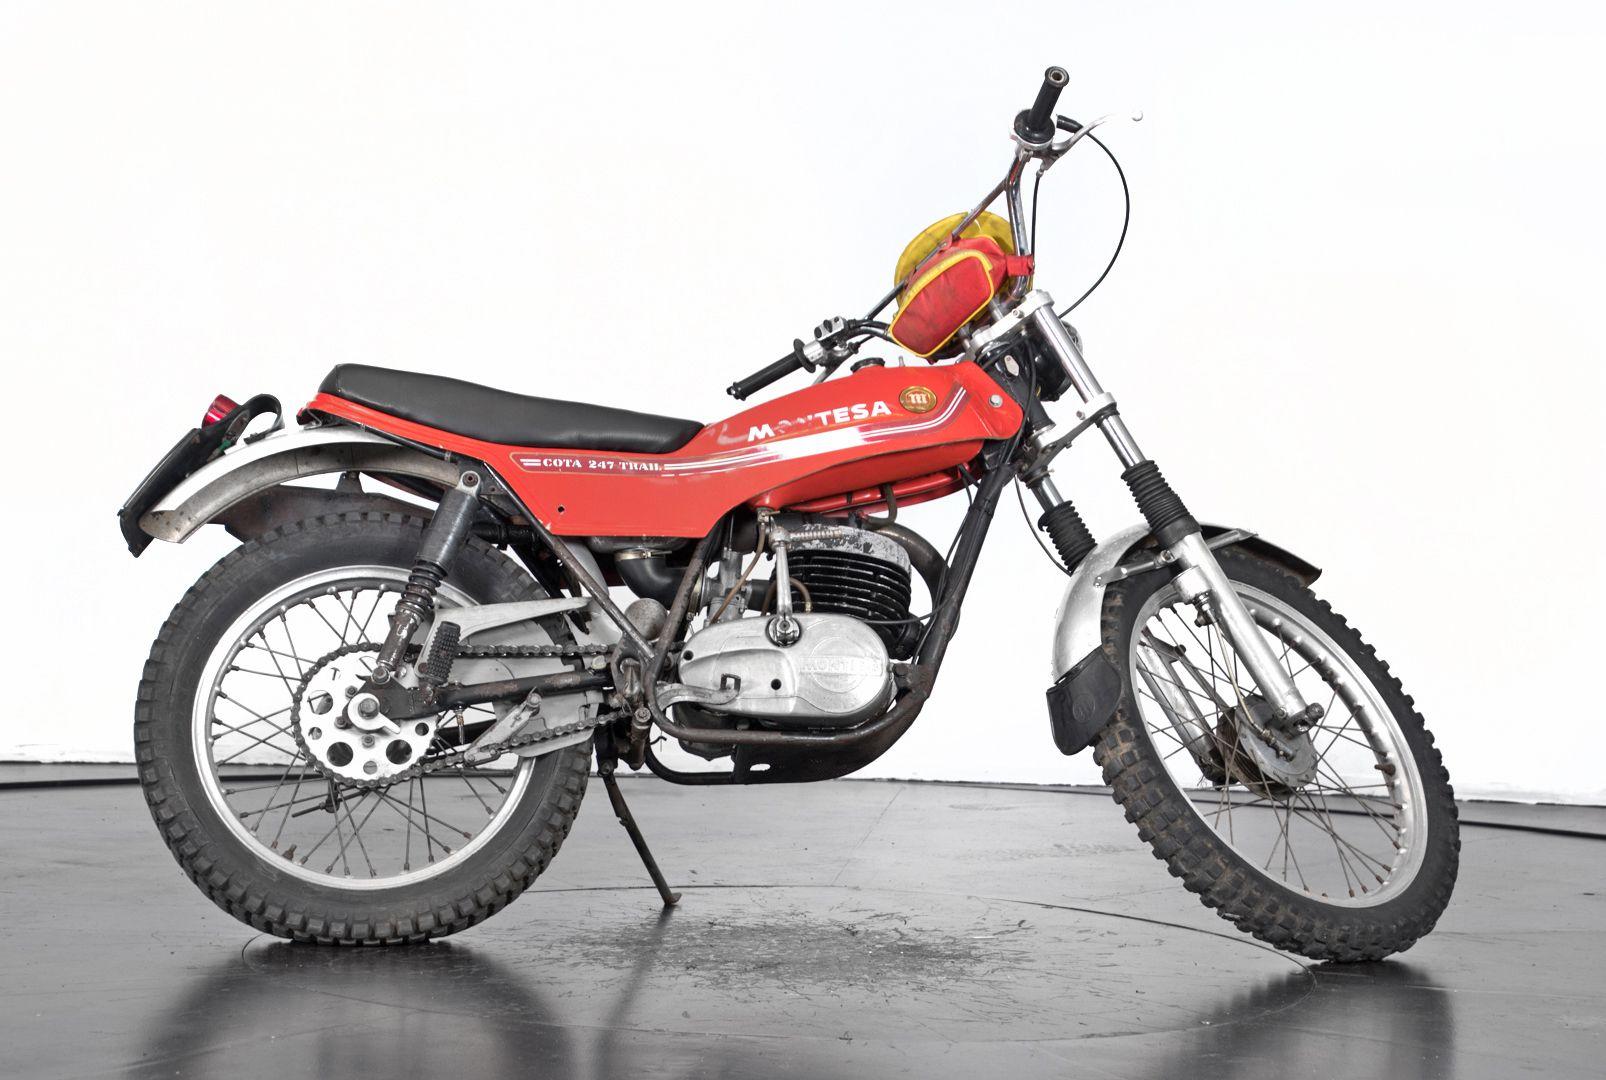 1976 Montesa cota 247t 40166